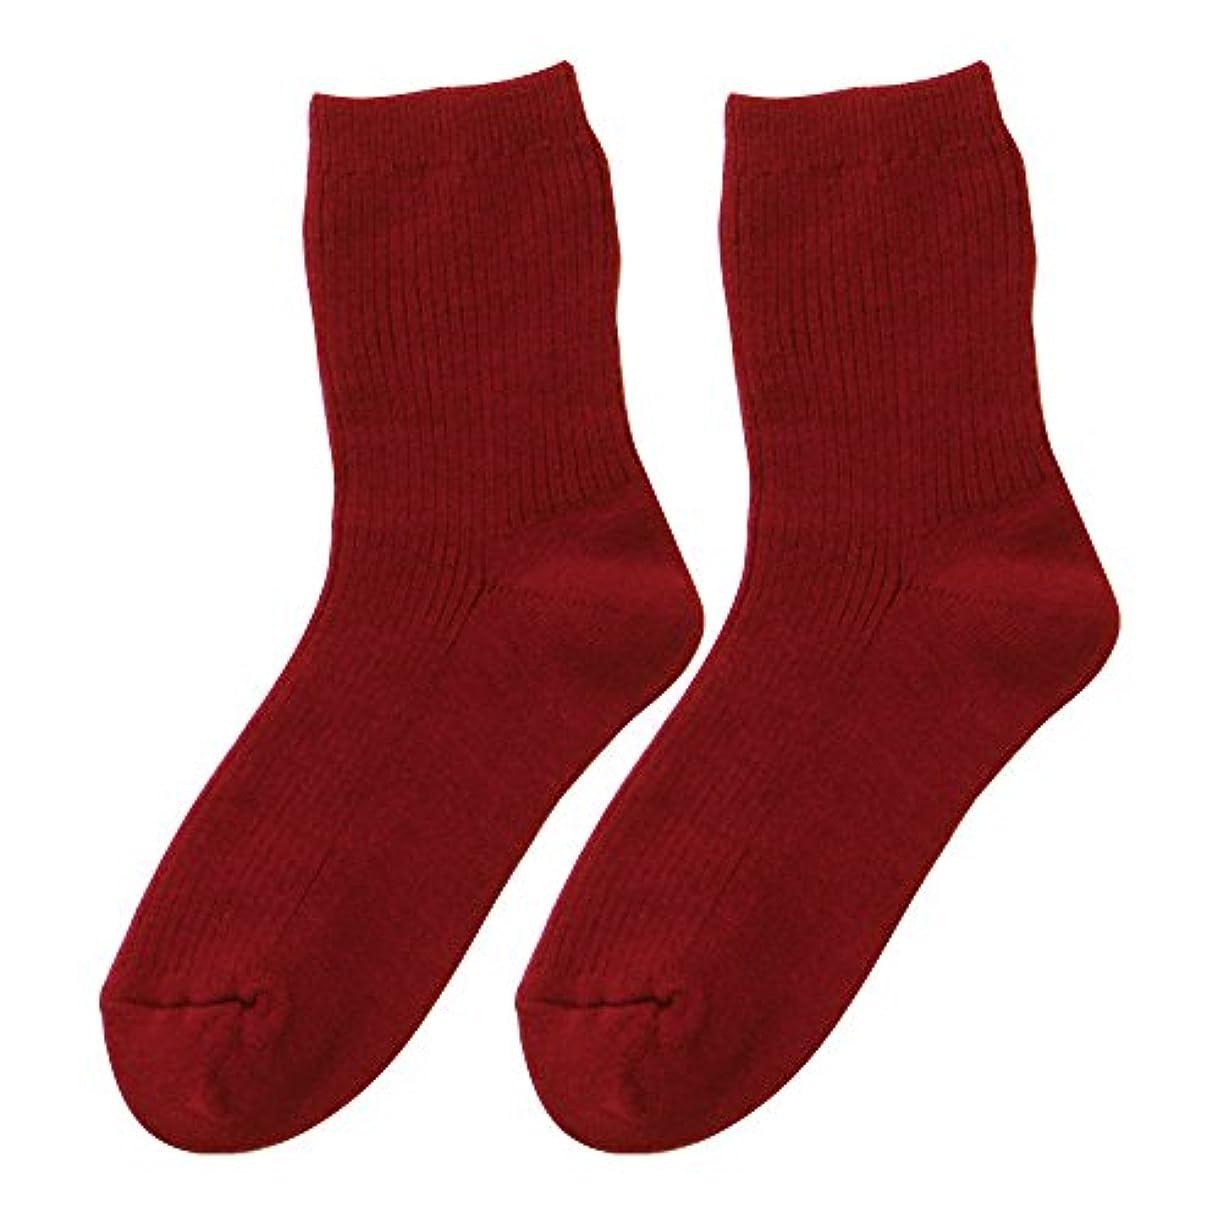 インフレーション異形自分のためにひだまり ダブルソックス 婦人用 靴下[22~24cm] エンジ